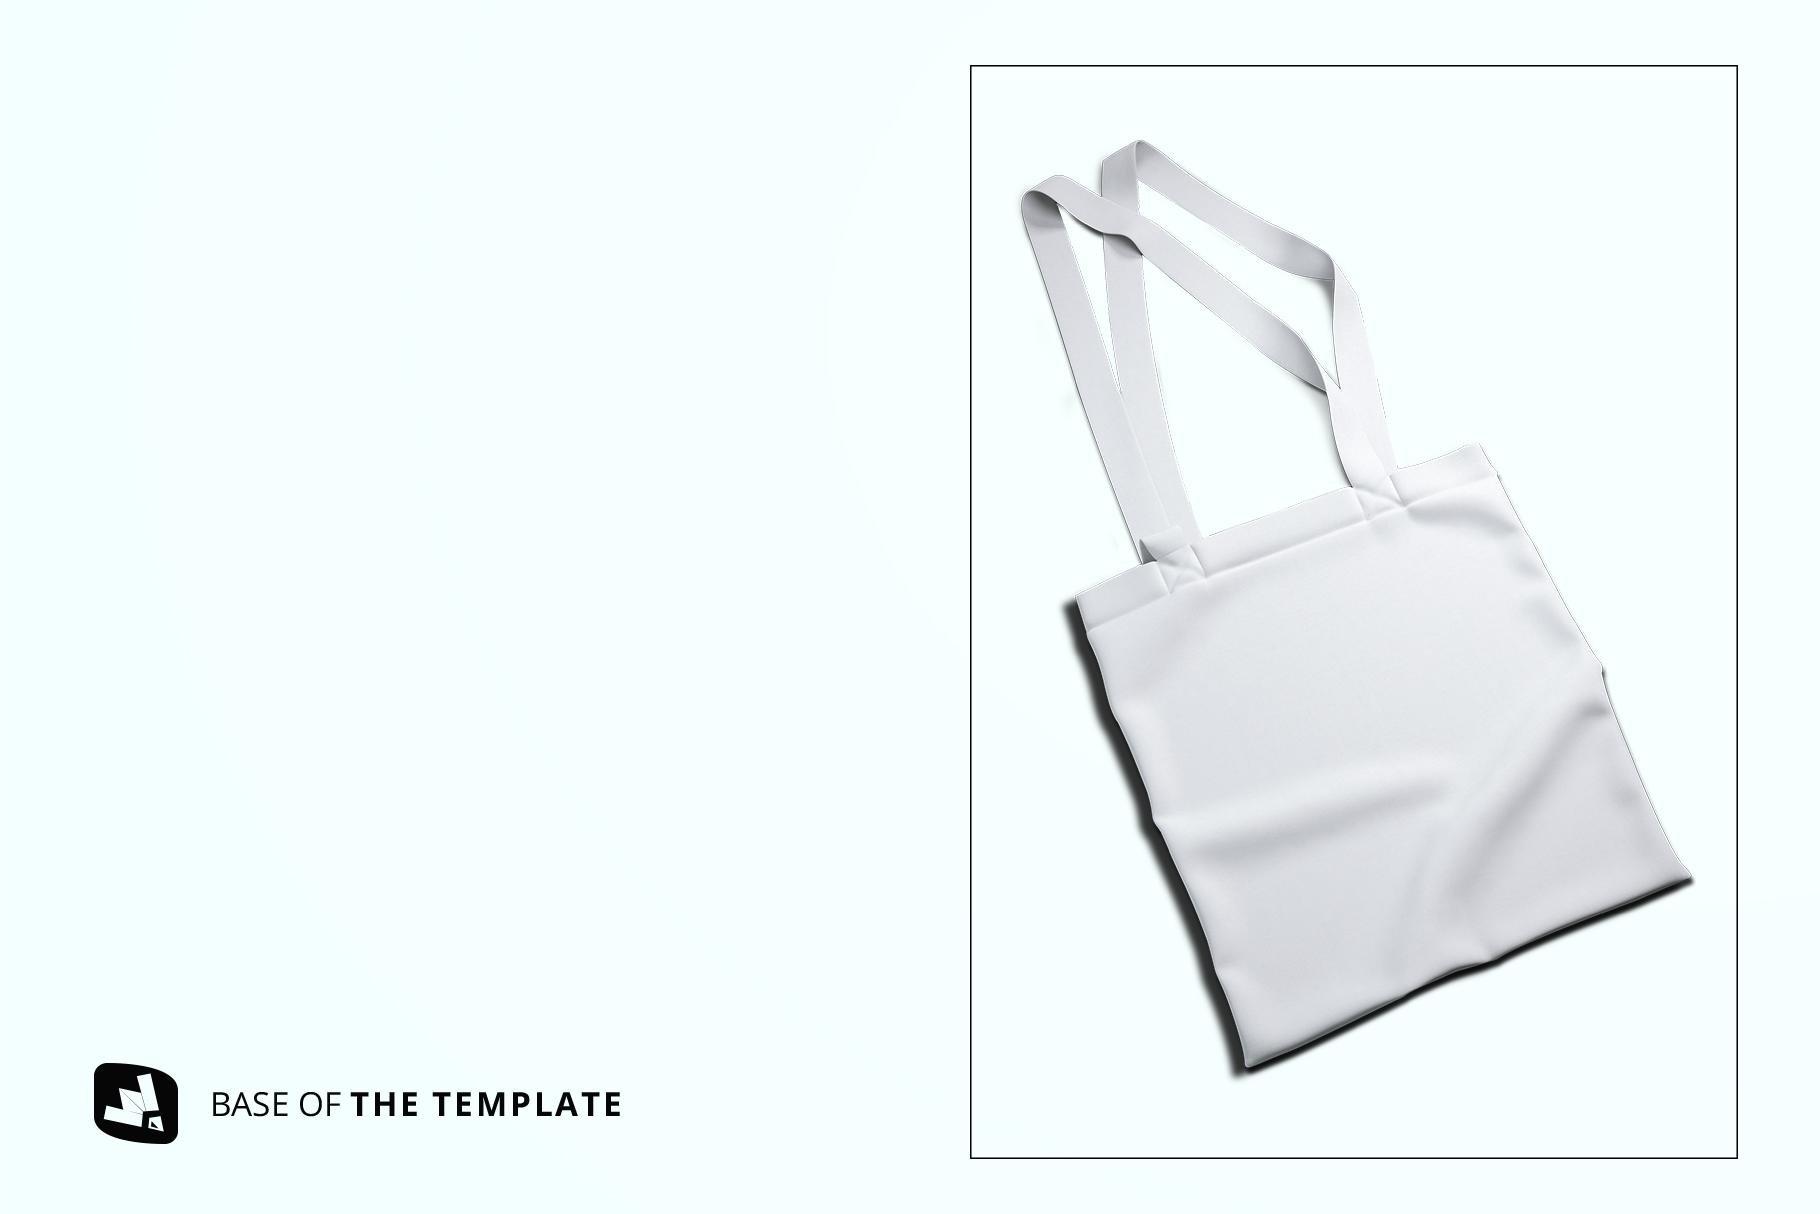 base image of the topview reusable cotton bag mockup